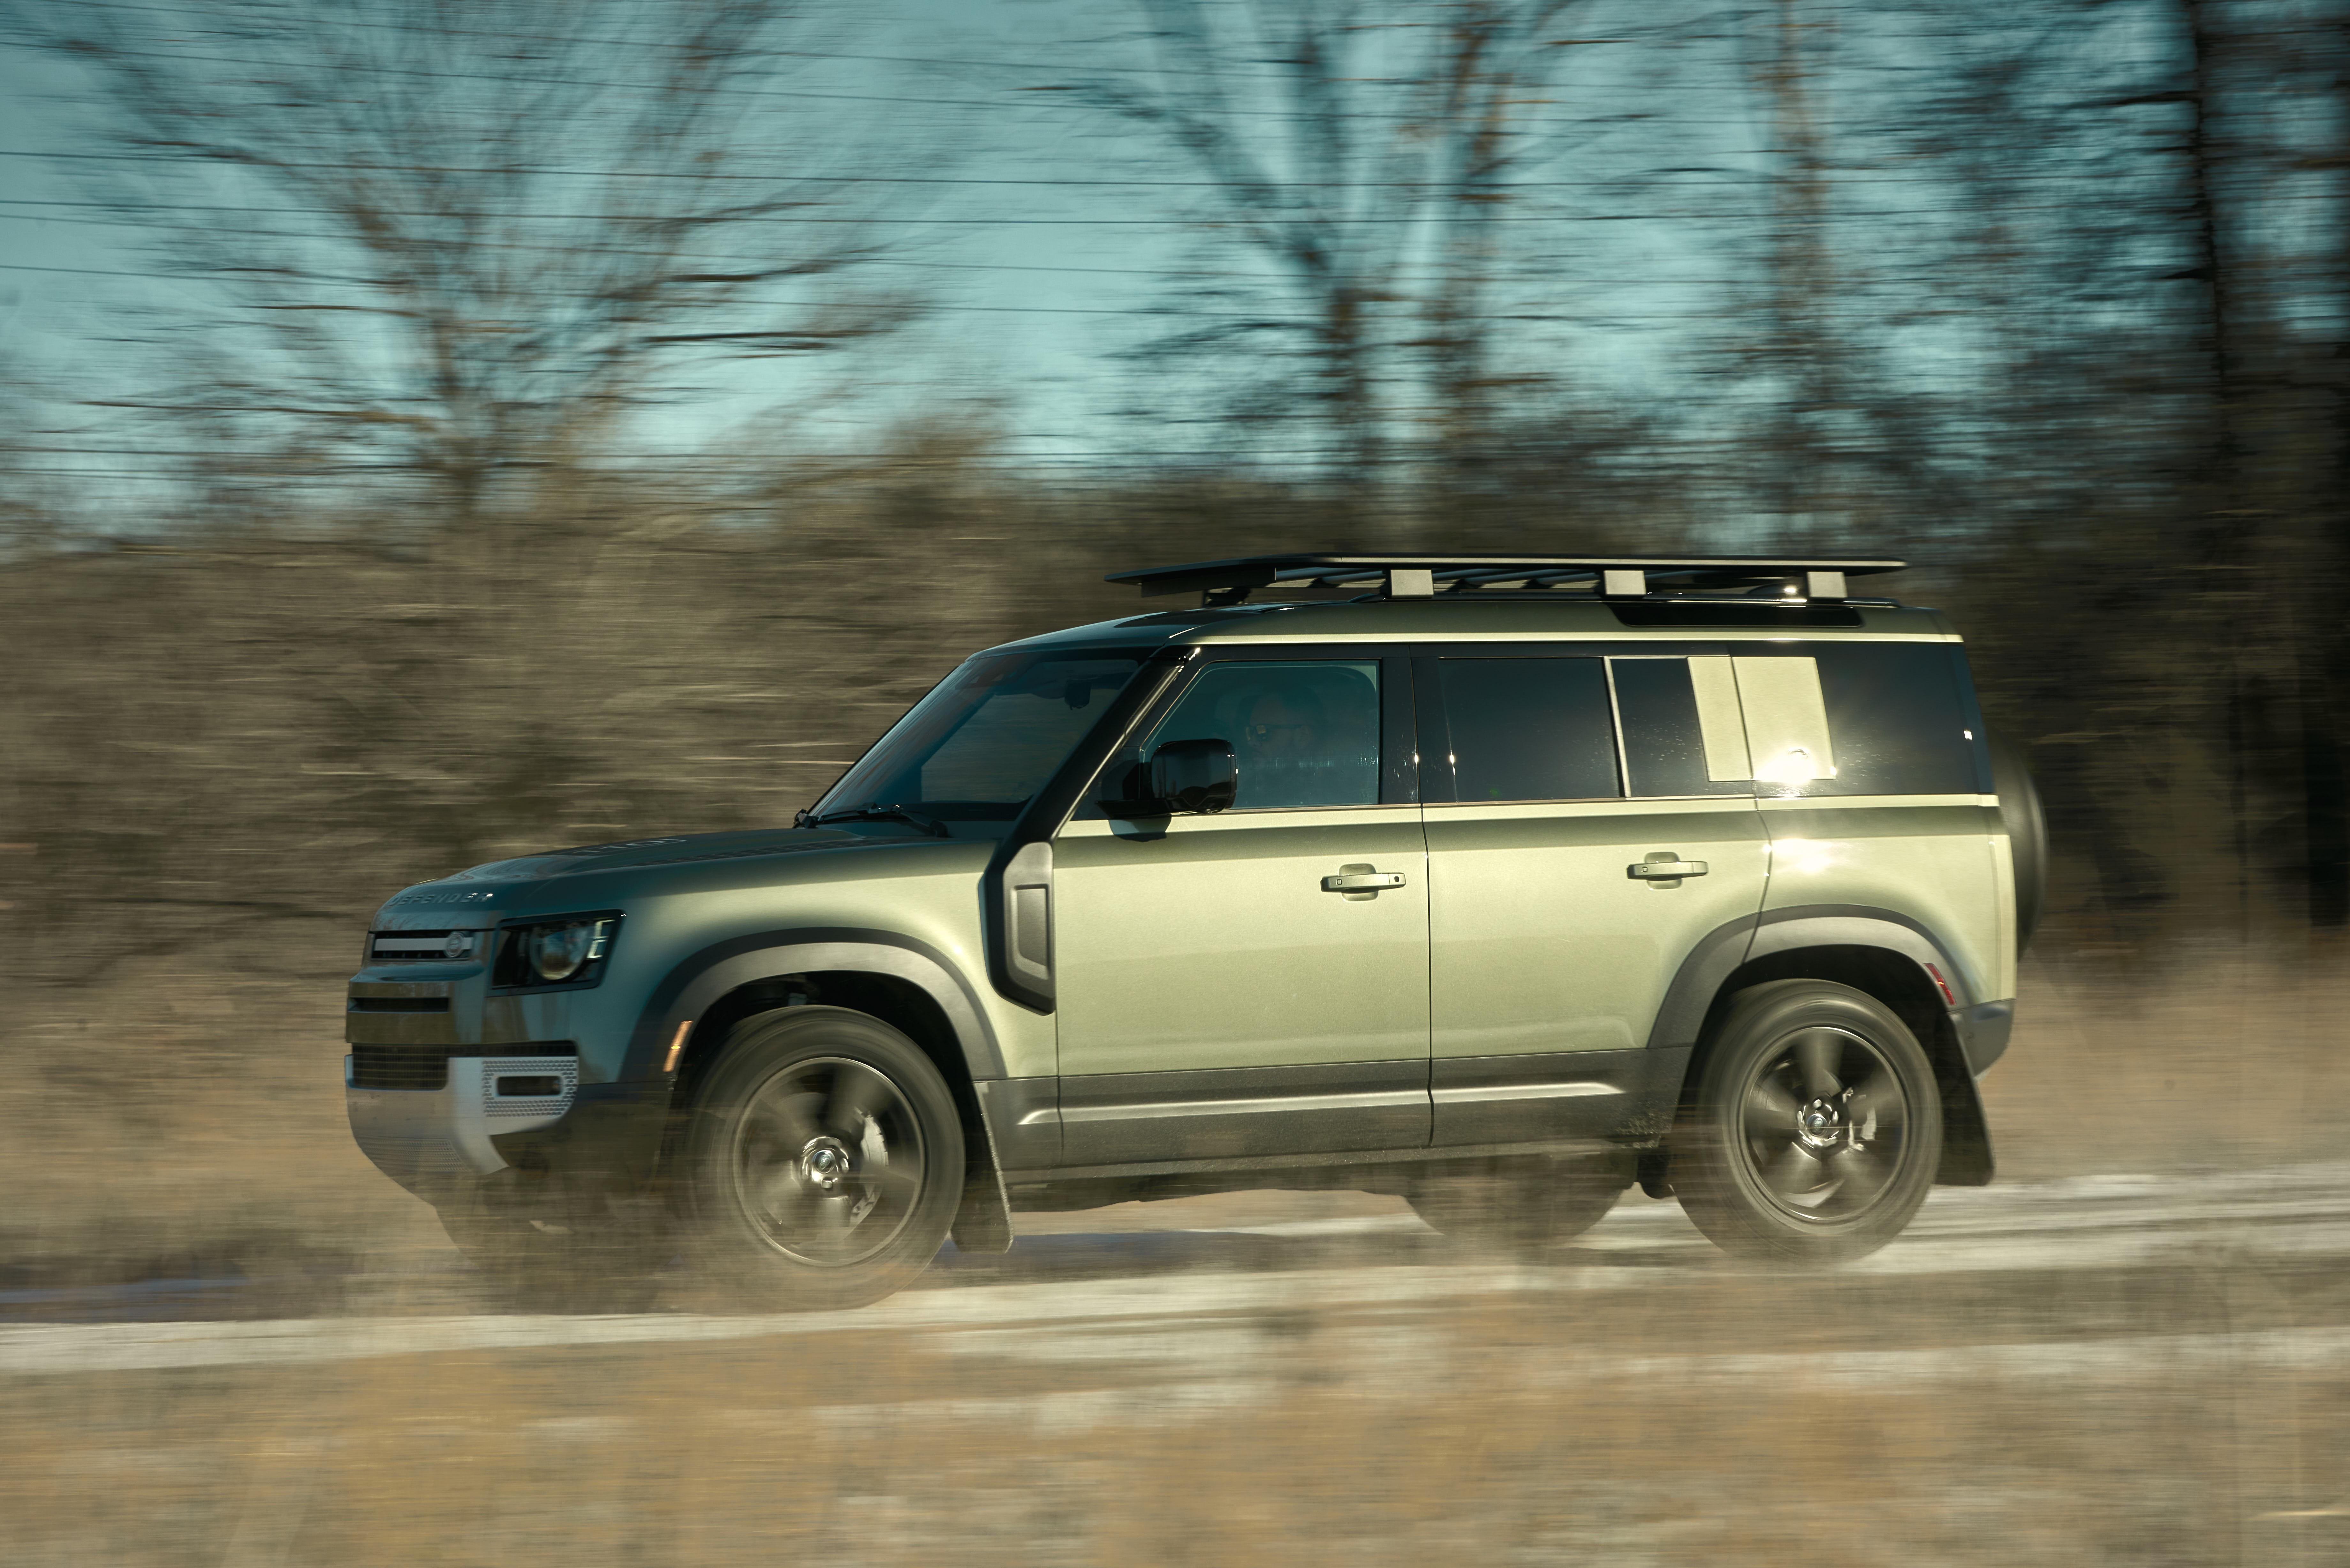 2021 Land Rover Defender Driving Side | Clavey's Corner